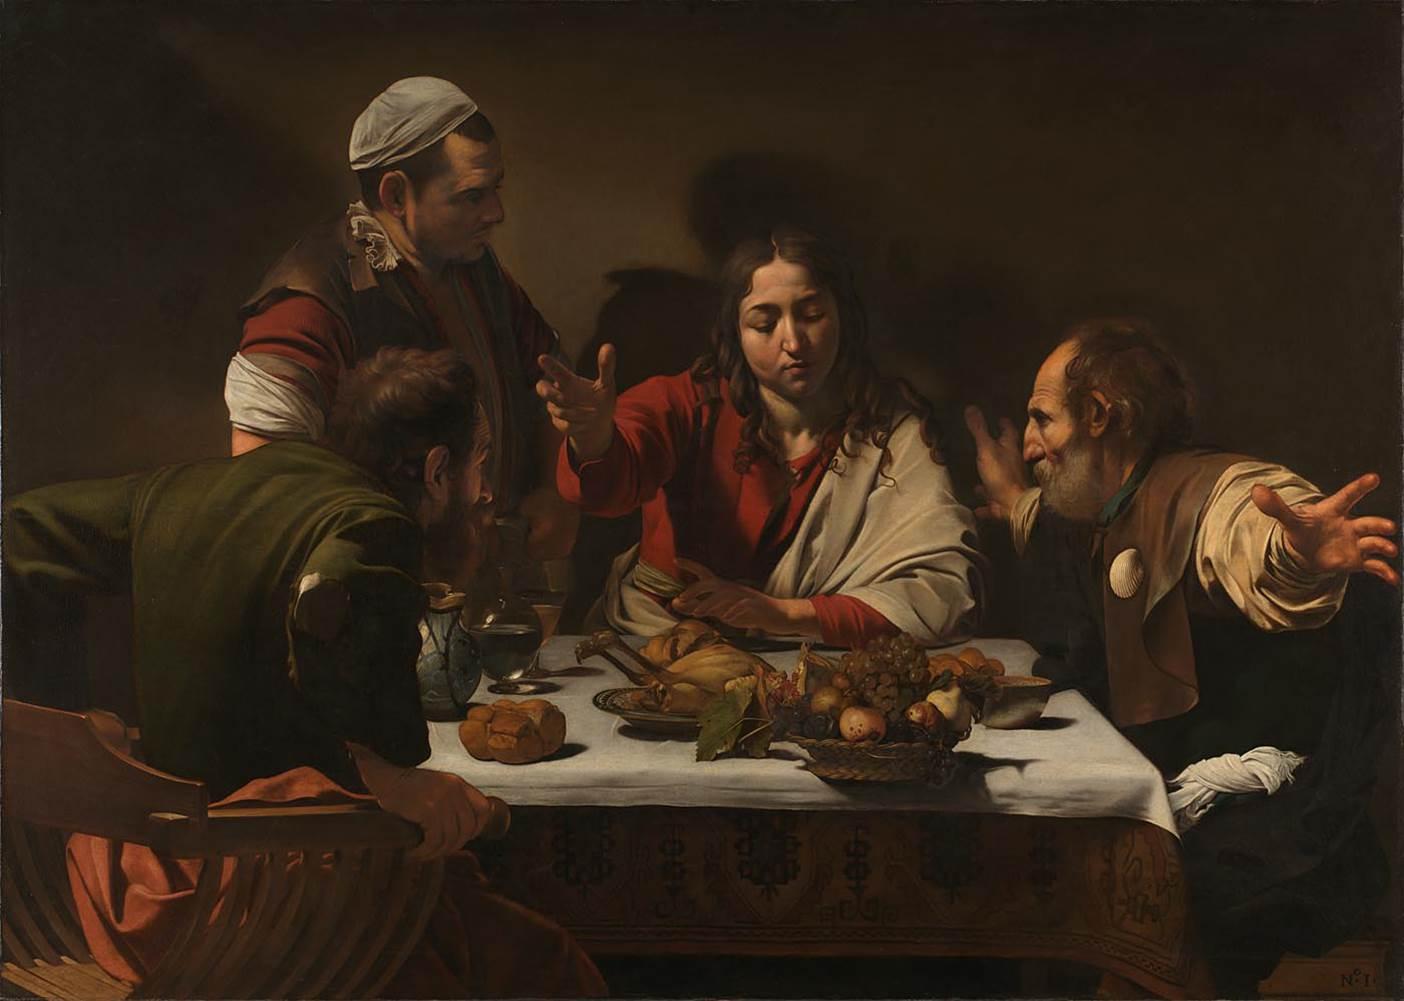 'The Supper at Emmaus', Caravaggio, NG172